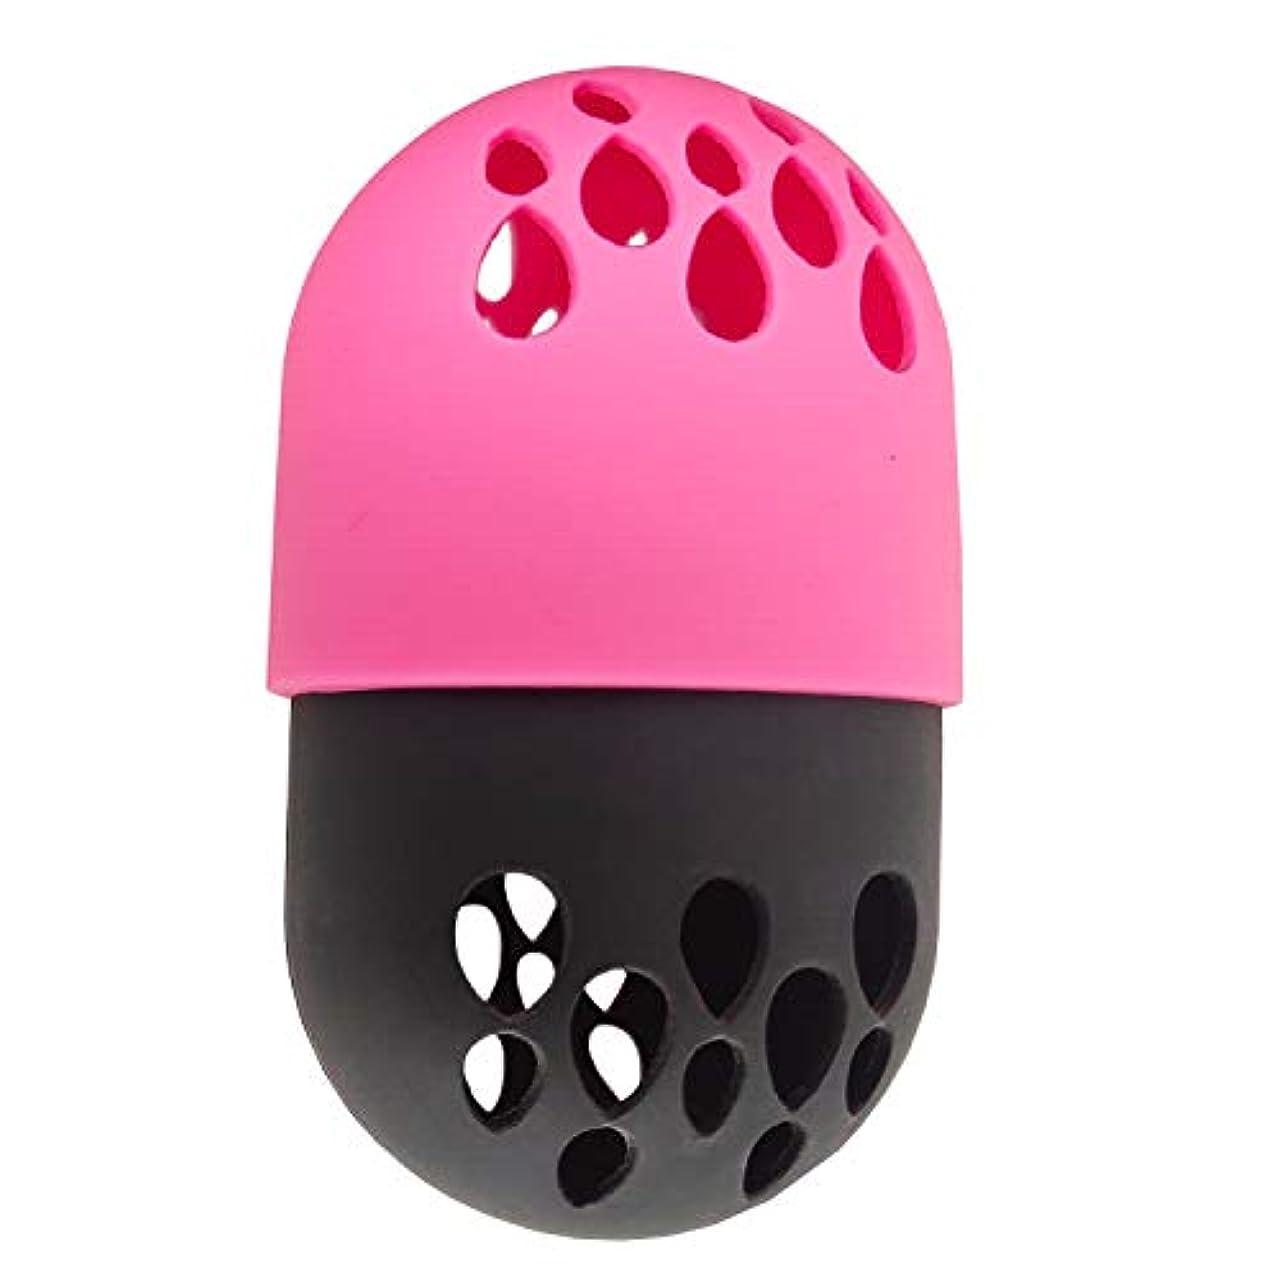 暗殺者番号期限切れ美容スポンジ収納ケース、通気性を柔らか美容スポンジ シリコン旅行 キャリングケース、小型軽量 あらゆる化粧スポンジ適用 (ピンク)